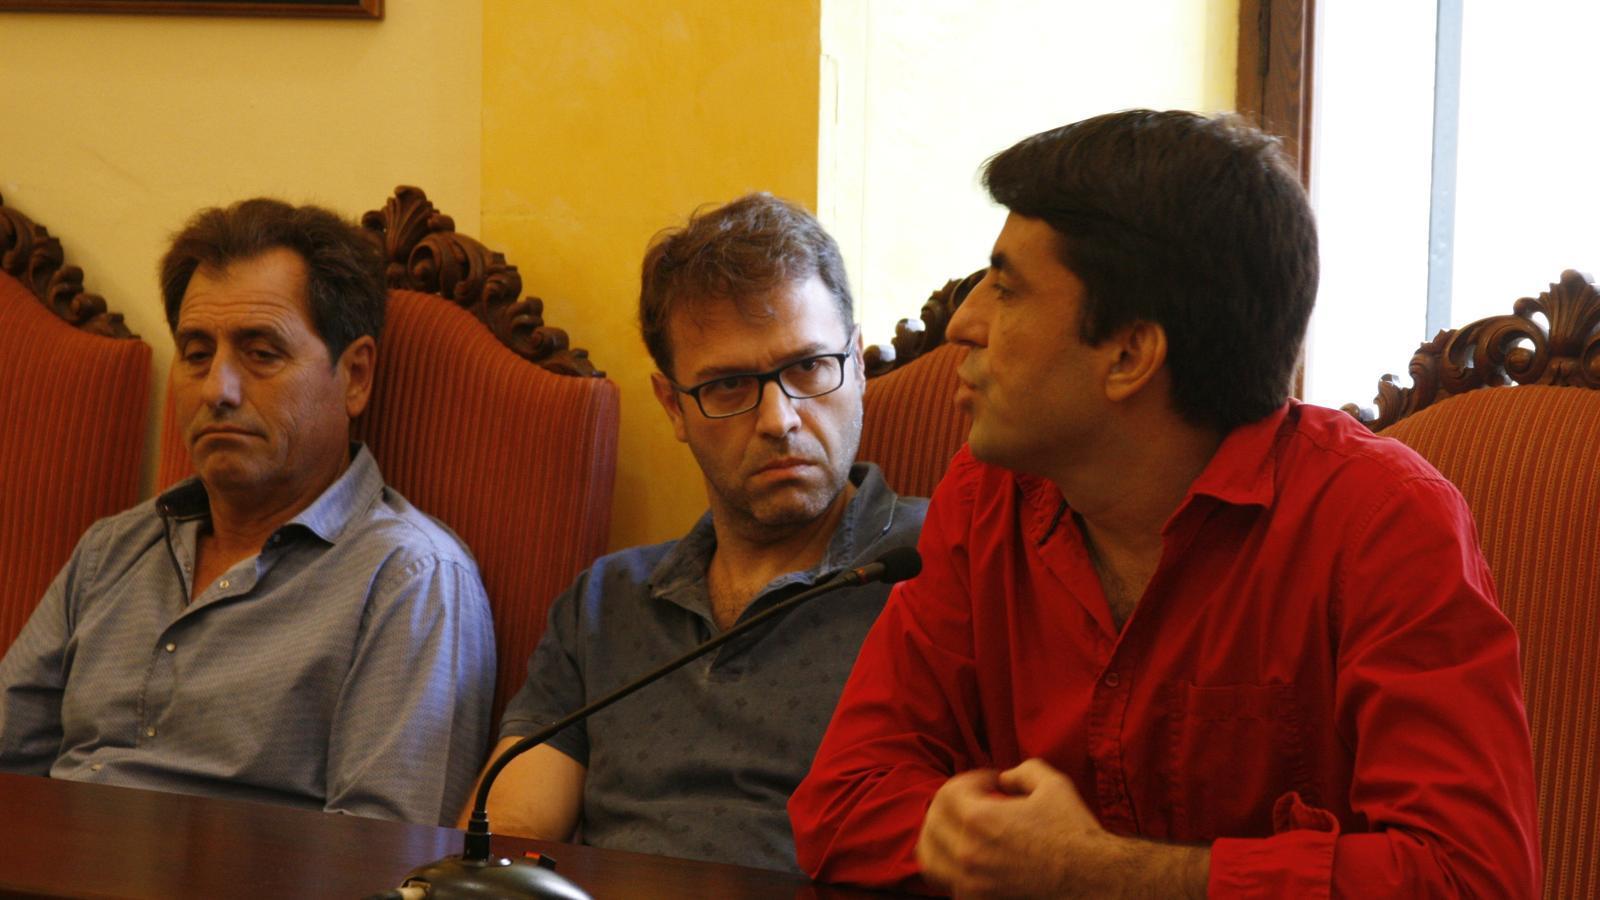 El regidor Joan Llodrà ha denunciat que l'Ajuntament no compleix la normativa de seguretat que exigeix als propietaris d'edificis.